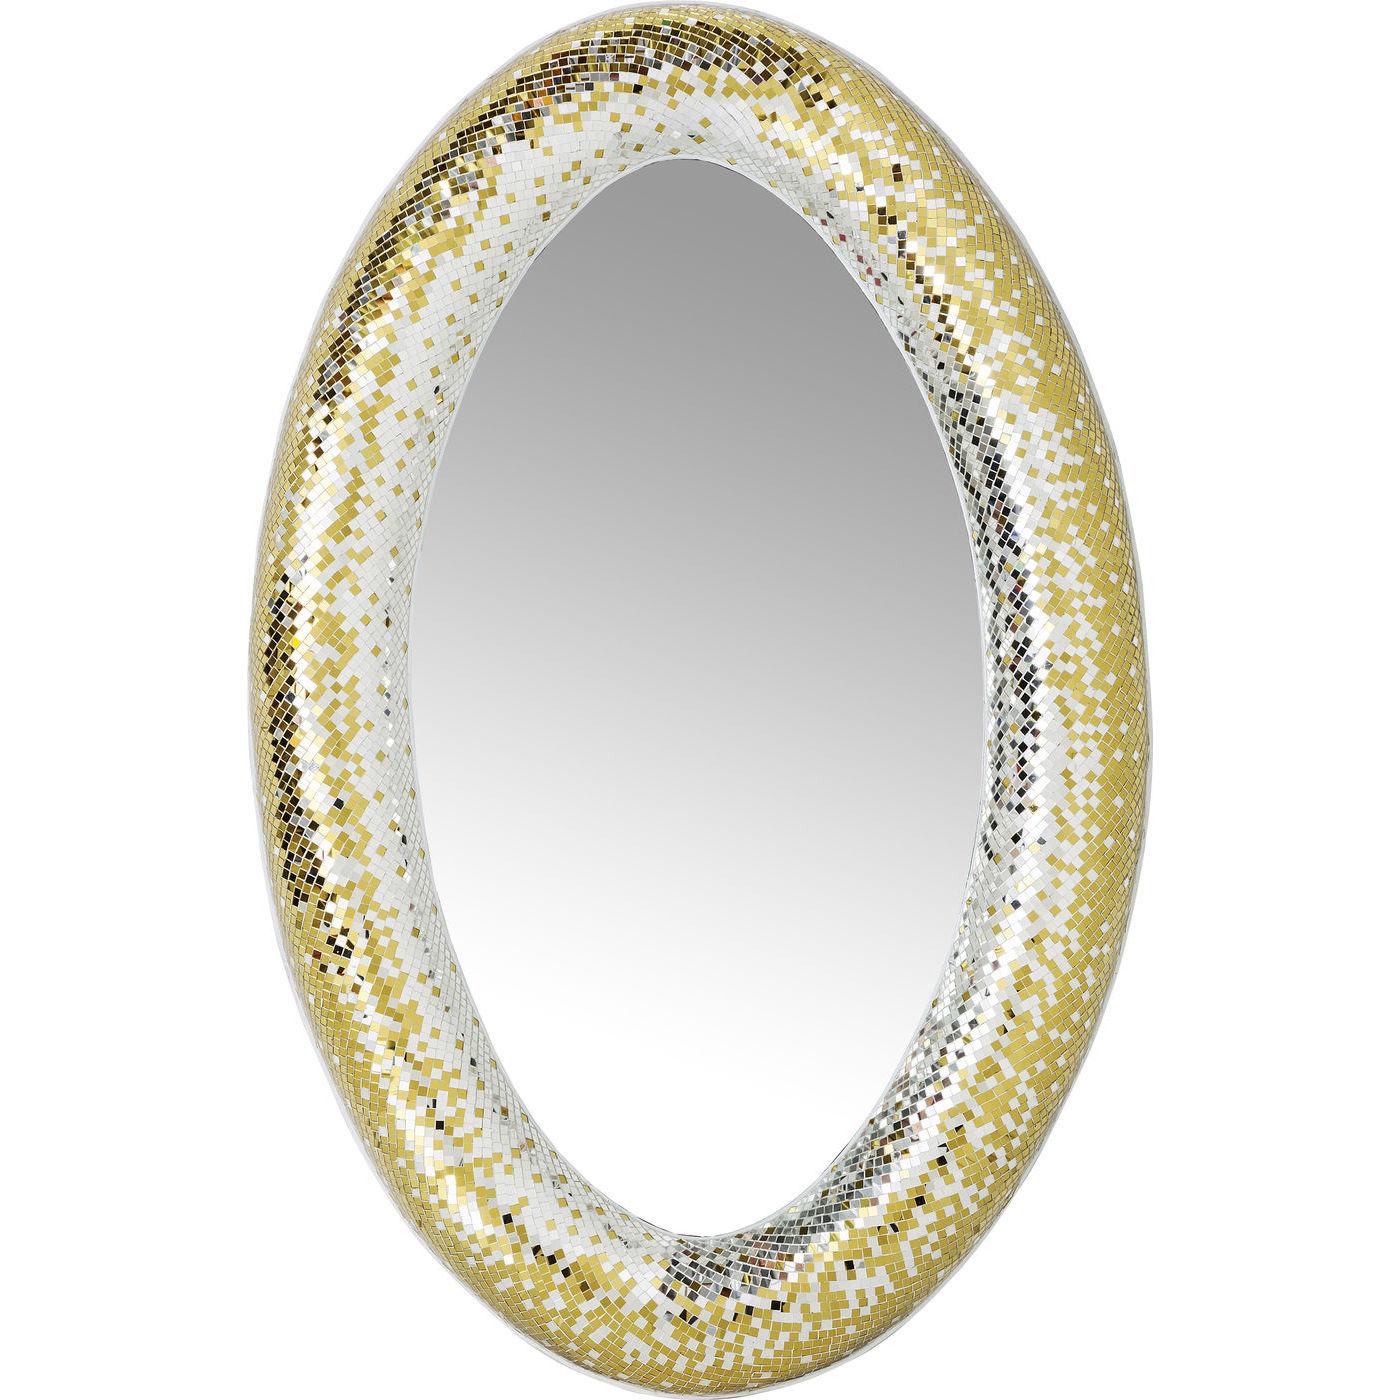 Billede af Kare Design Spejl, Mosaik Glamour 170x110cm